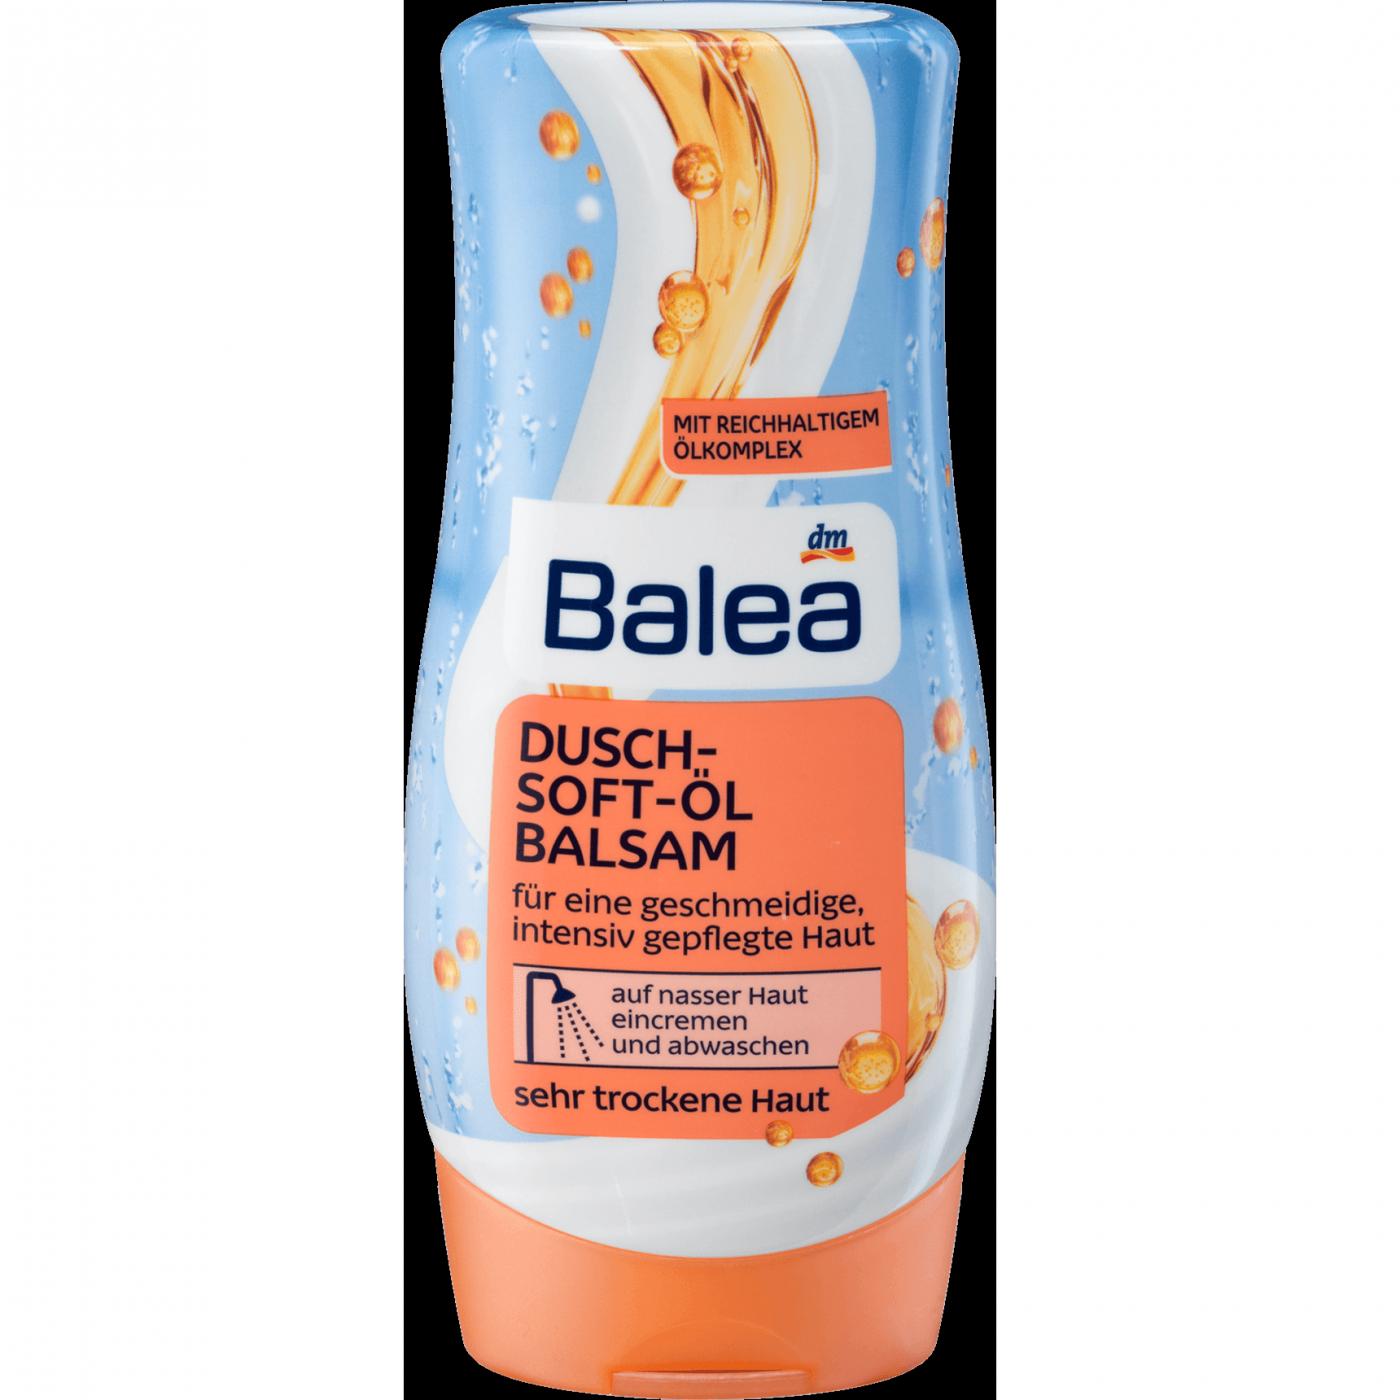 Бальзам - масло -лосьон для душа, Soft Balea